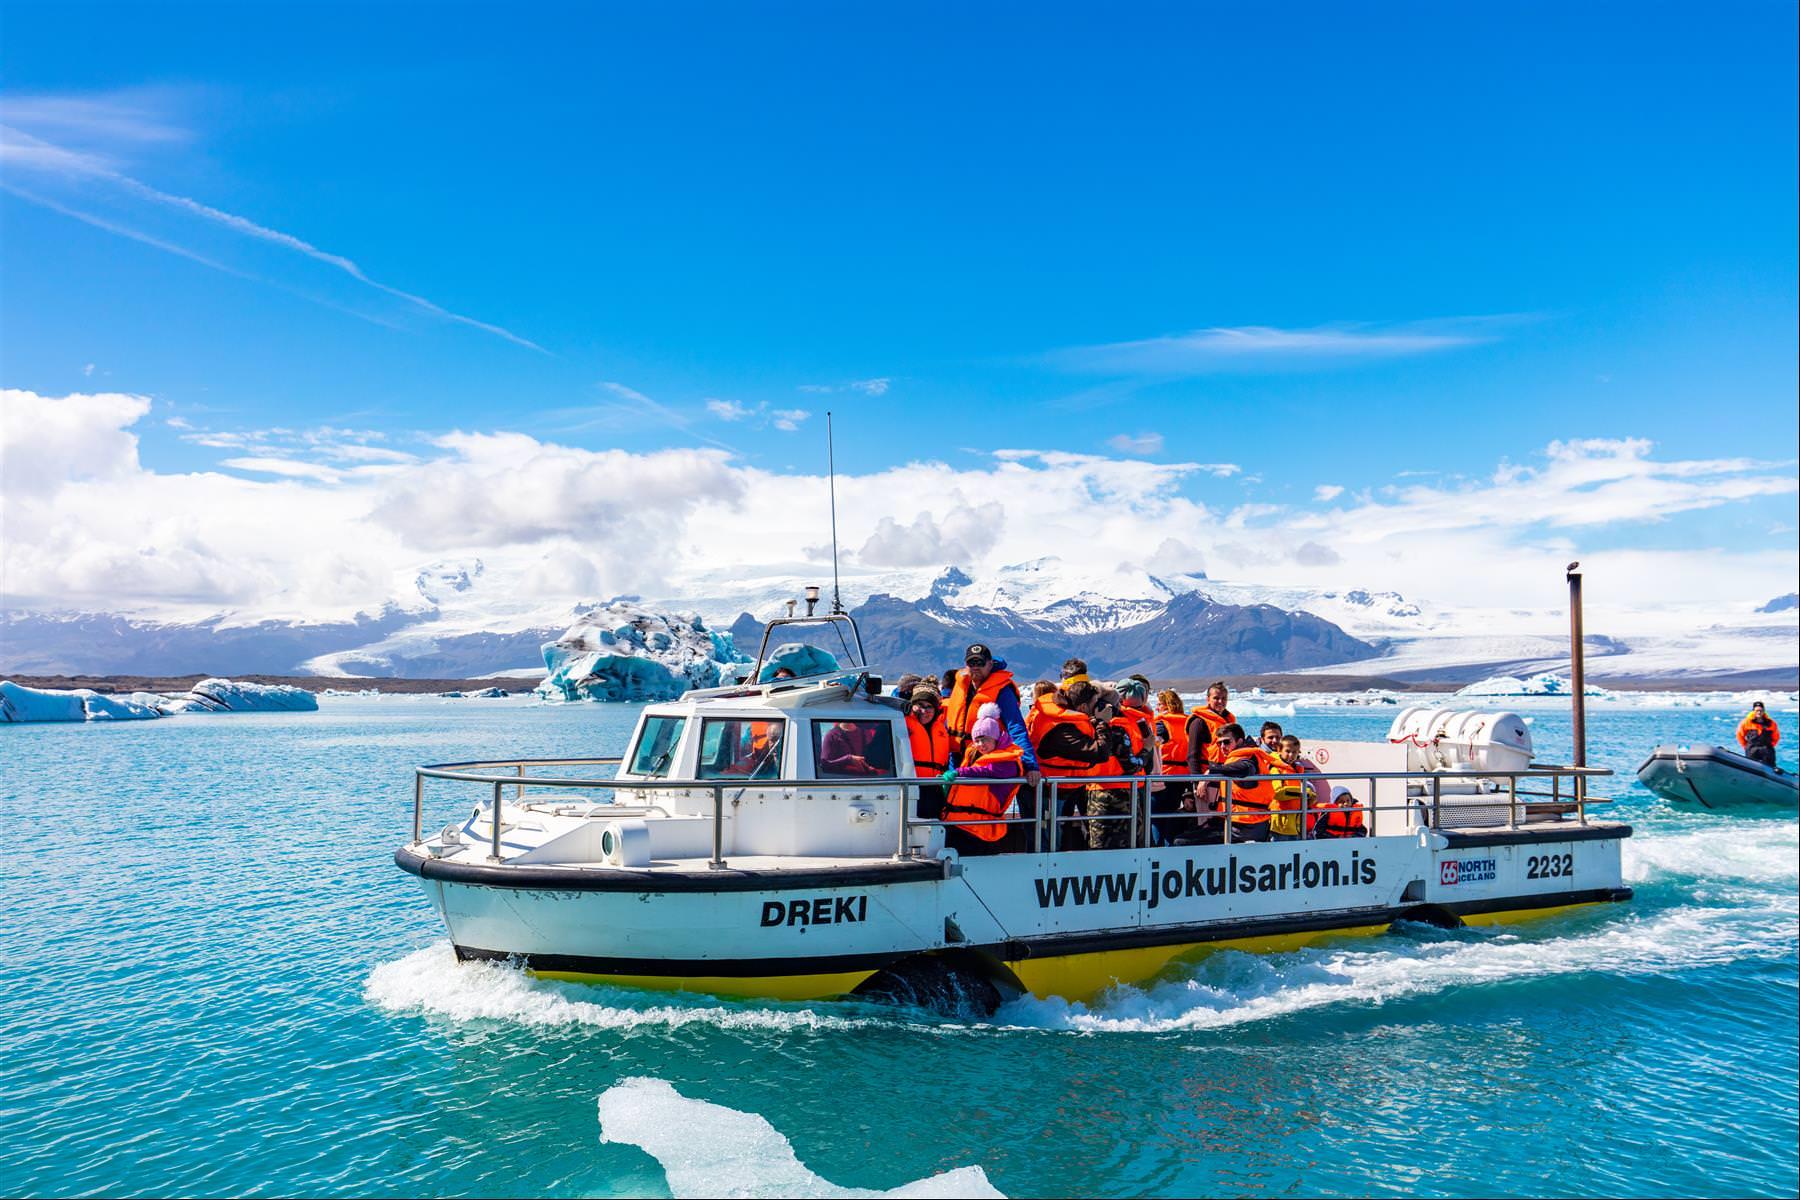 傑古沙龍冰河湖遊船